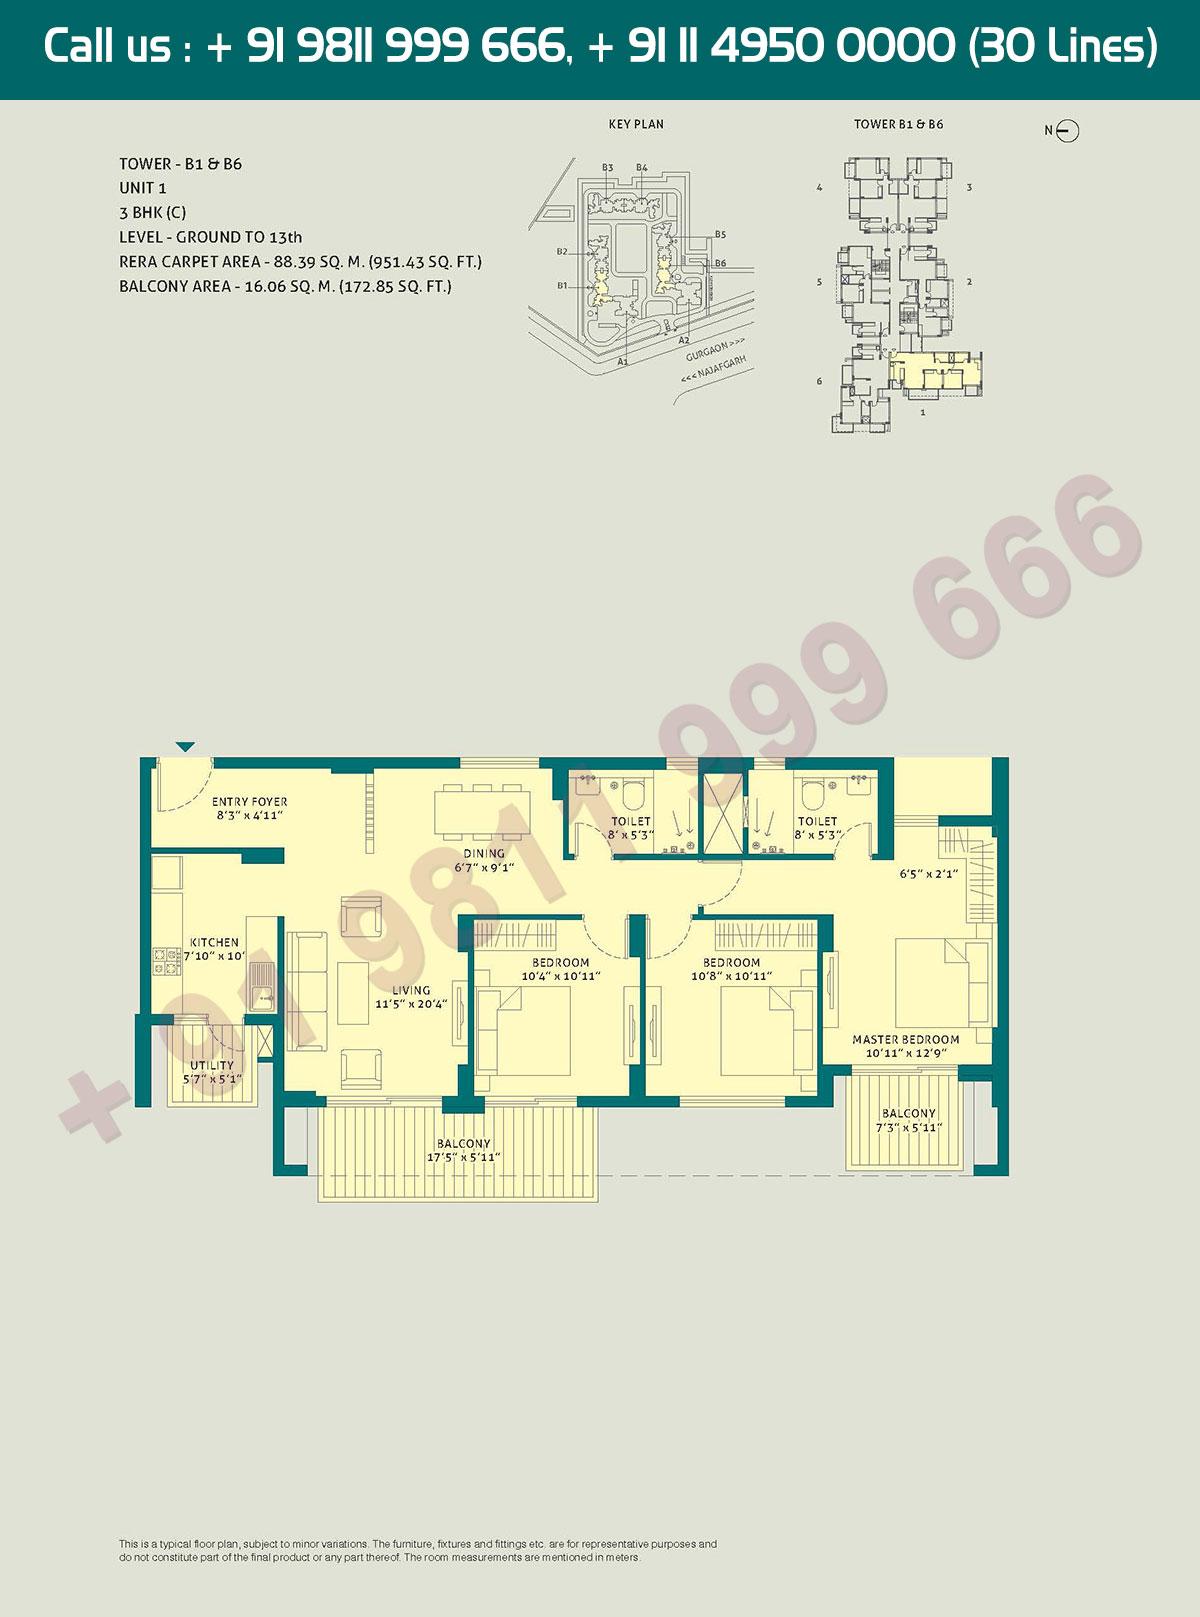 3 BHK - (C), Level Ground to 13, Unit - 1, Tower - B1 - B6